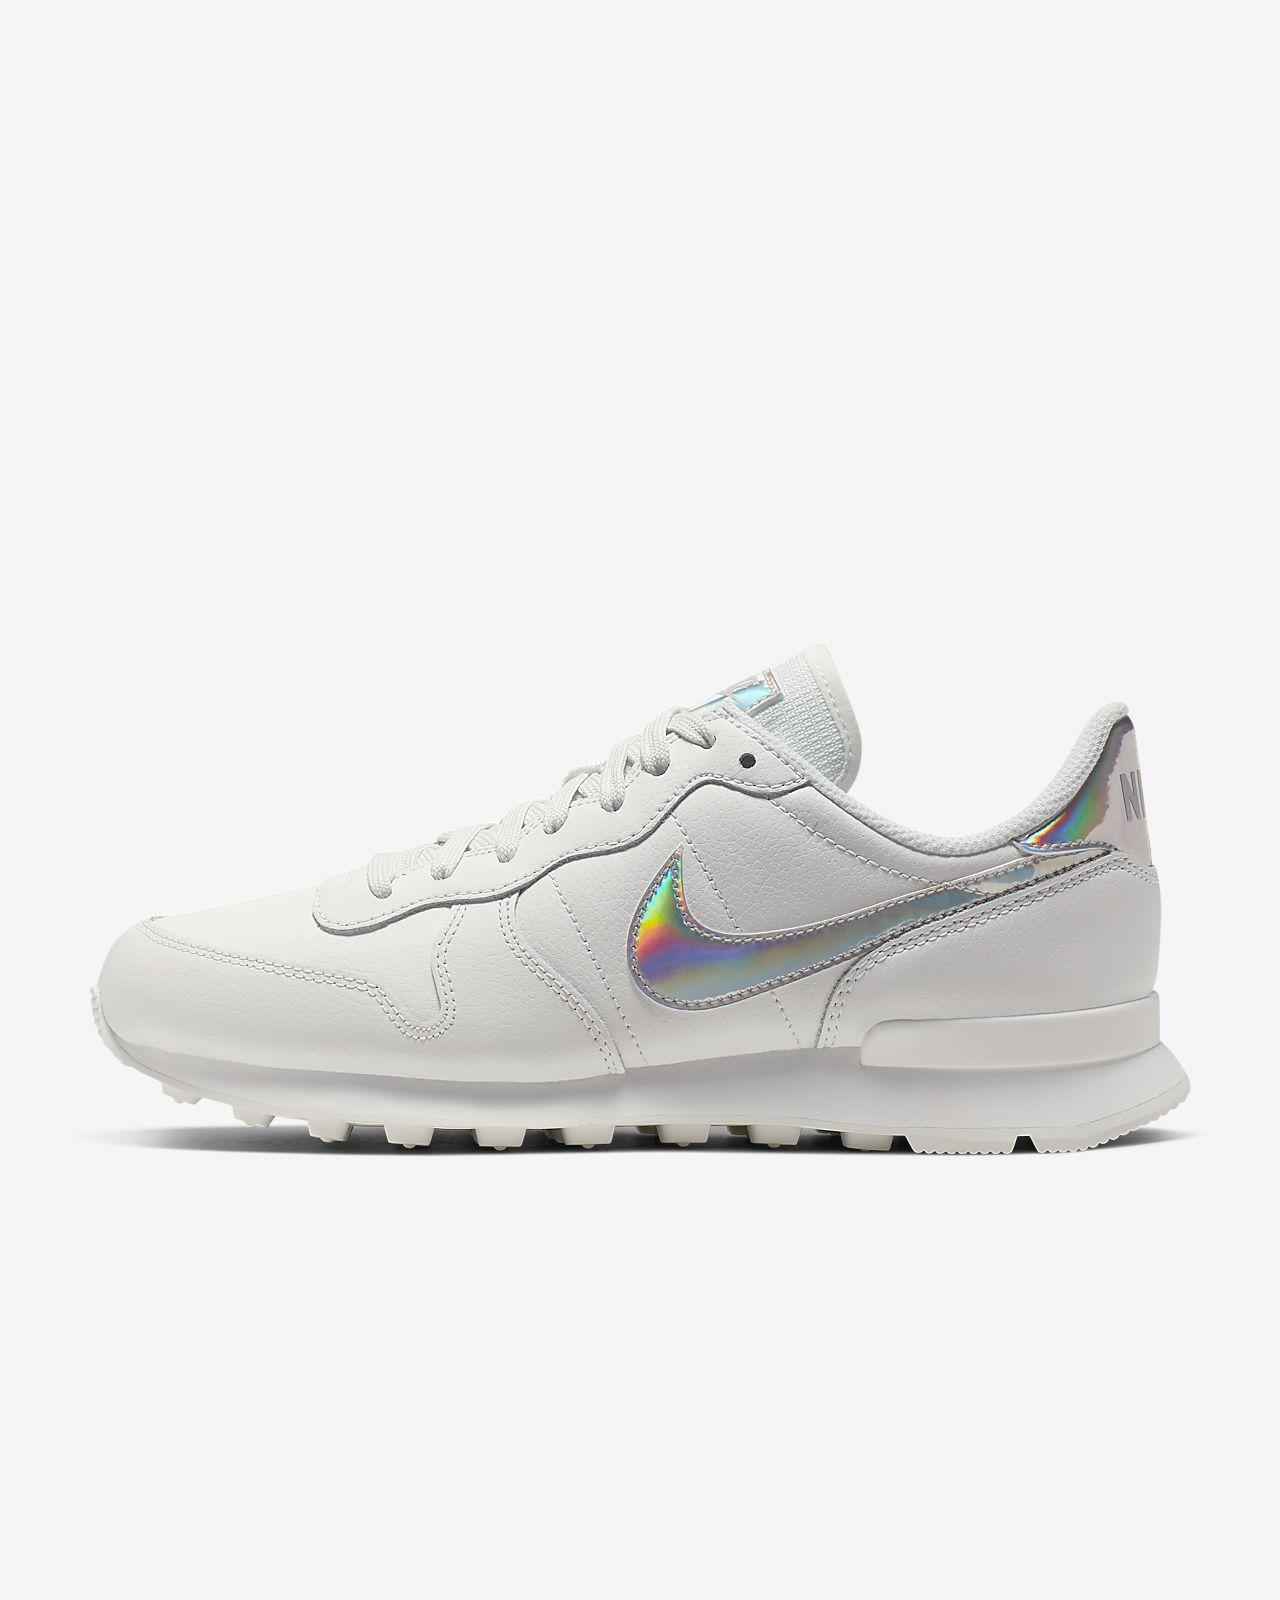 Calzado iridiscente para mujer Nike Internationalist SE